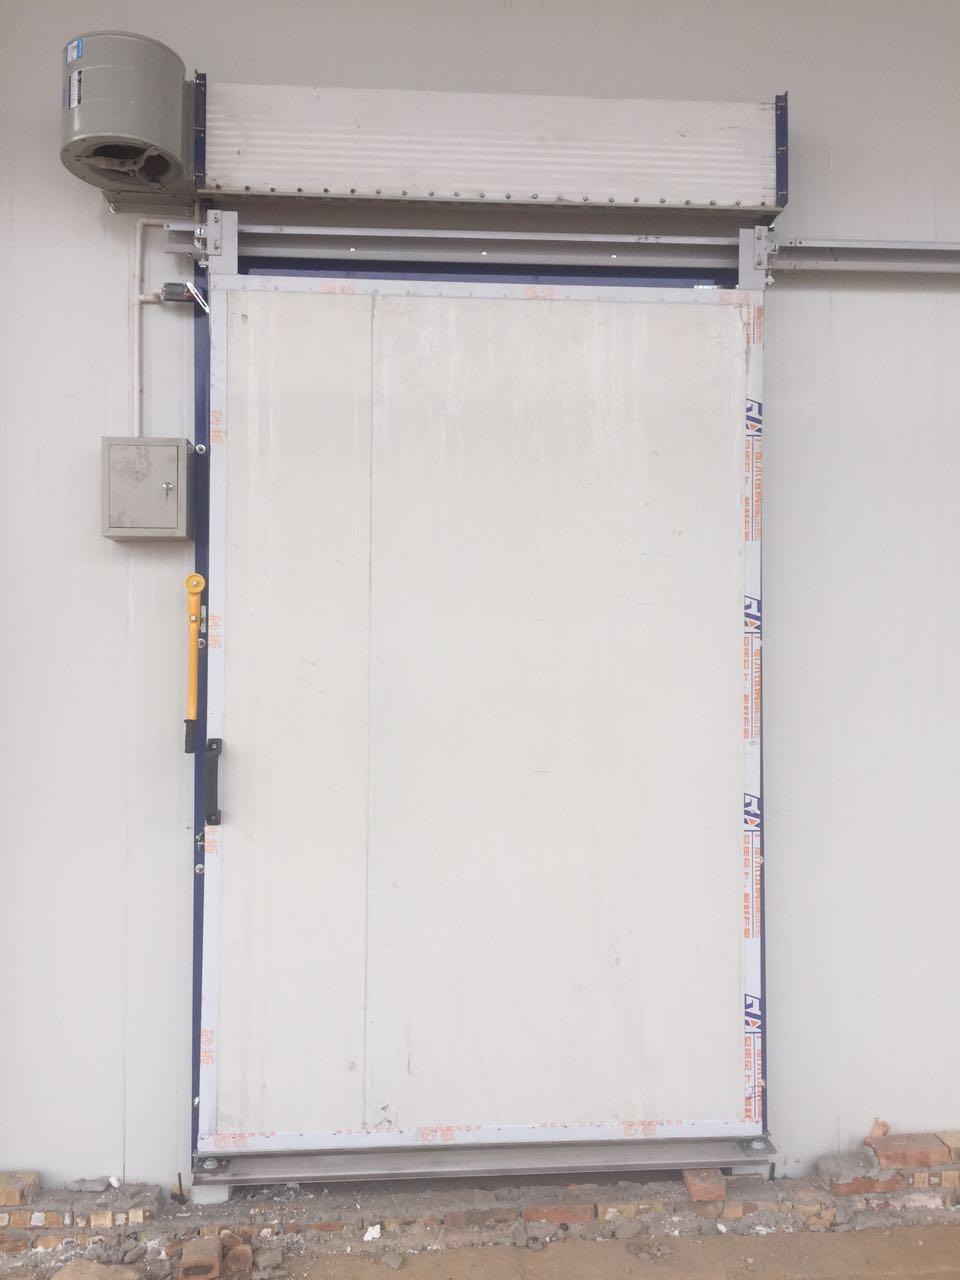 【图文】关于冷库门的选择注意事项_关于冷库门的特点的相关知识